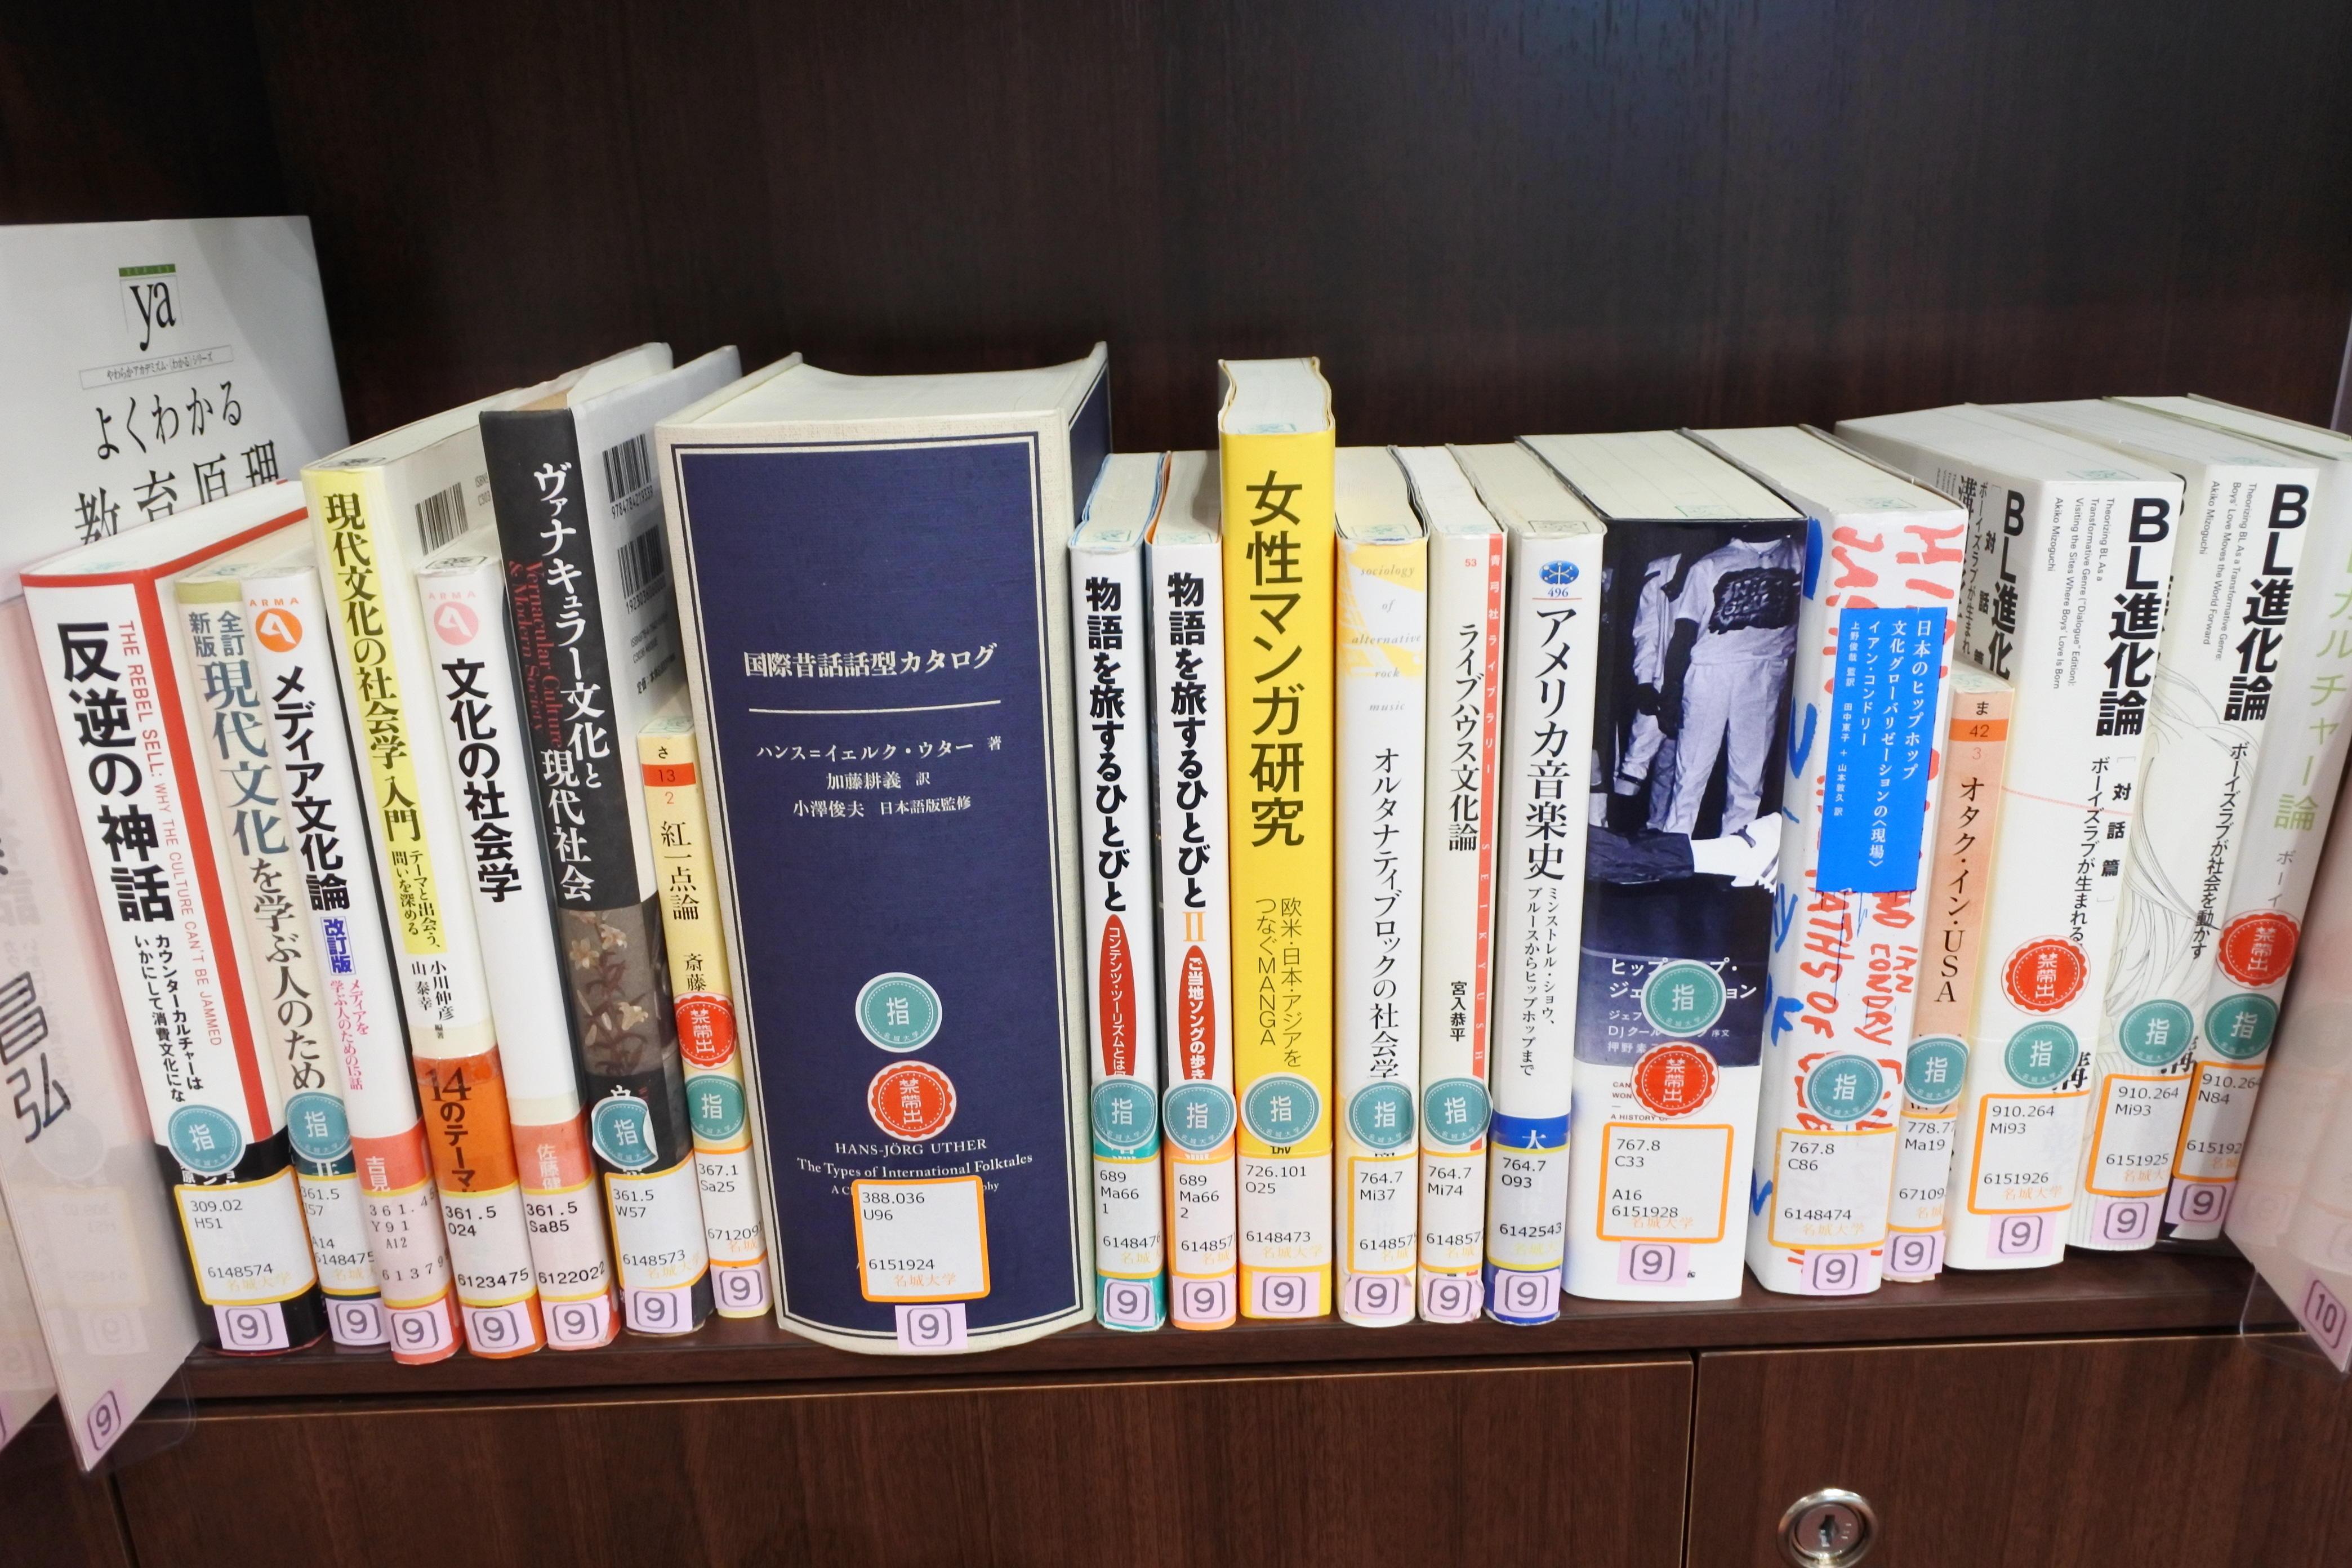 図書館の授業参考図書